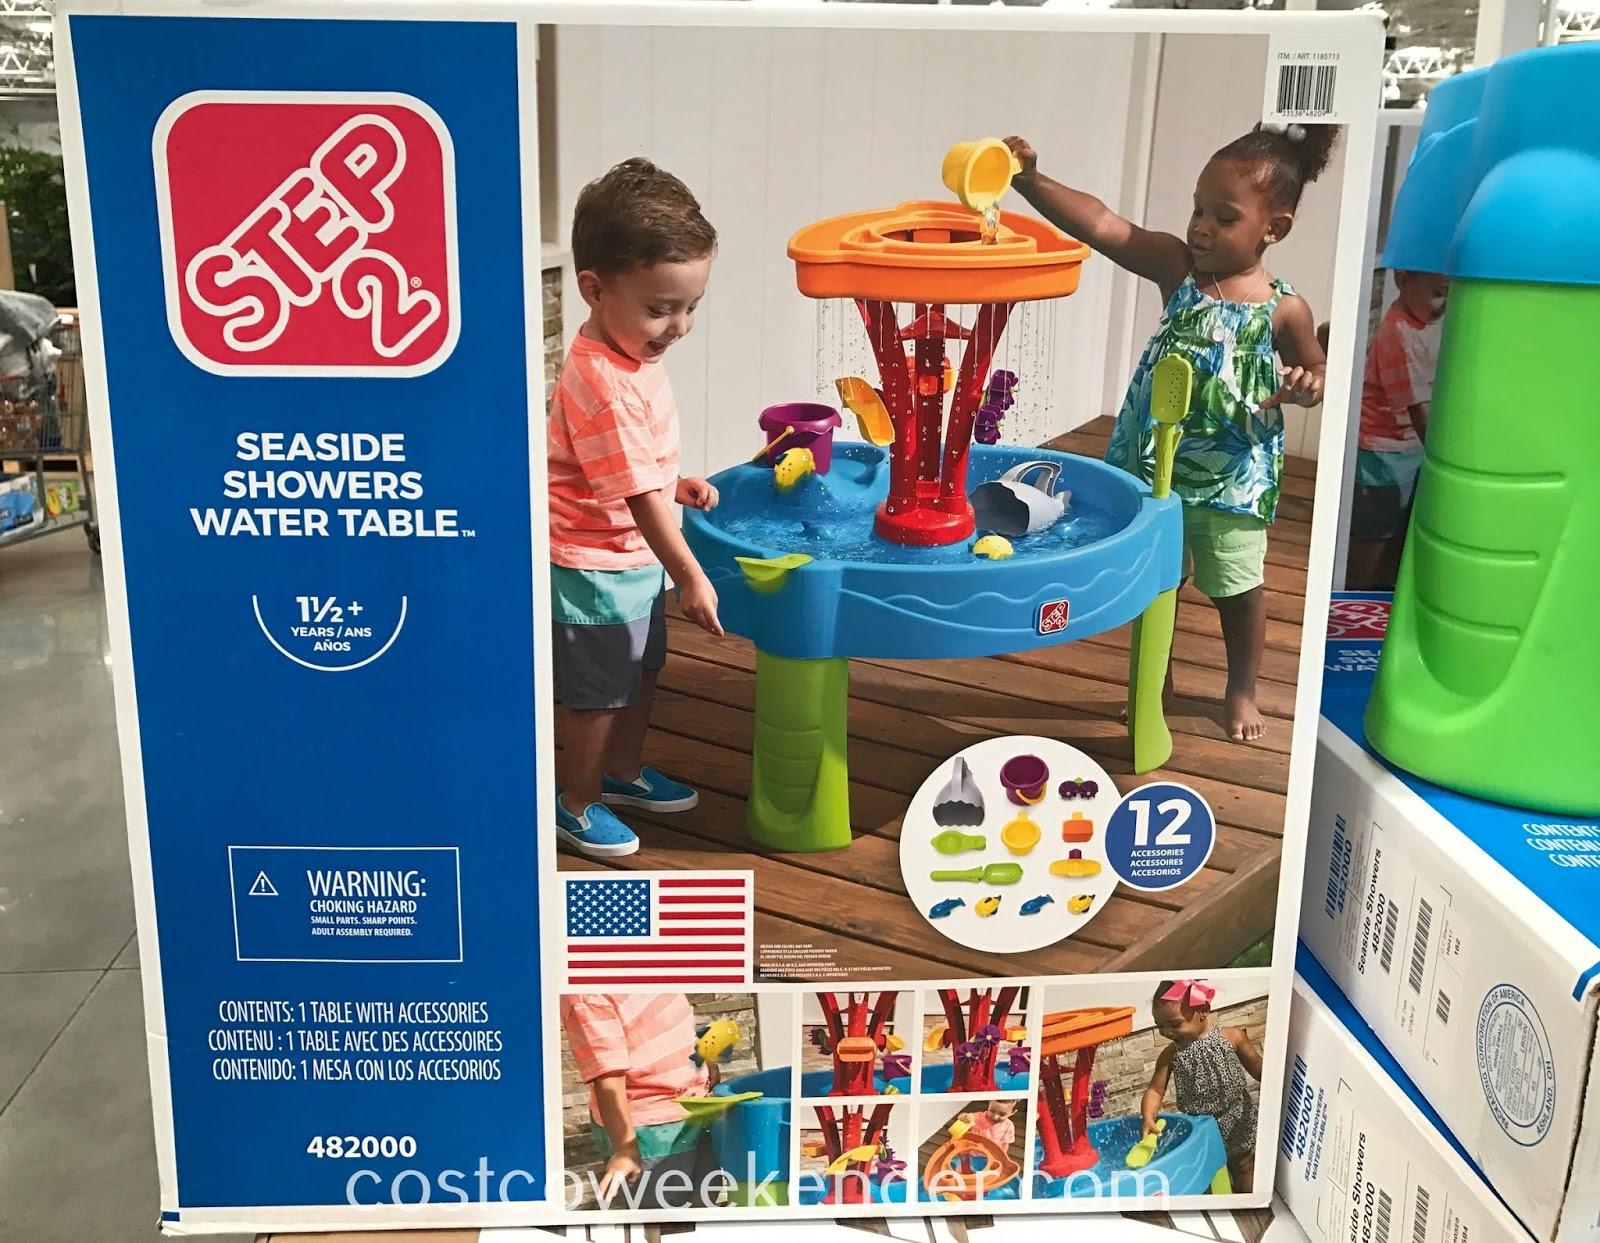 Step2 Seaside Showers Water Table Costco Weekender